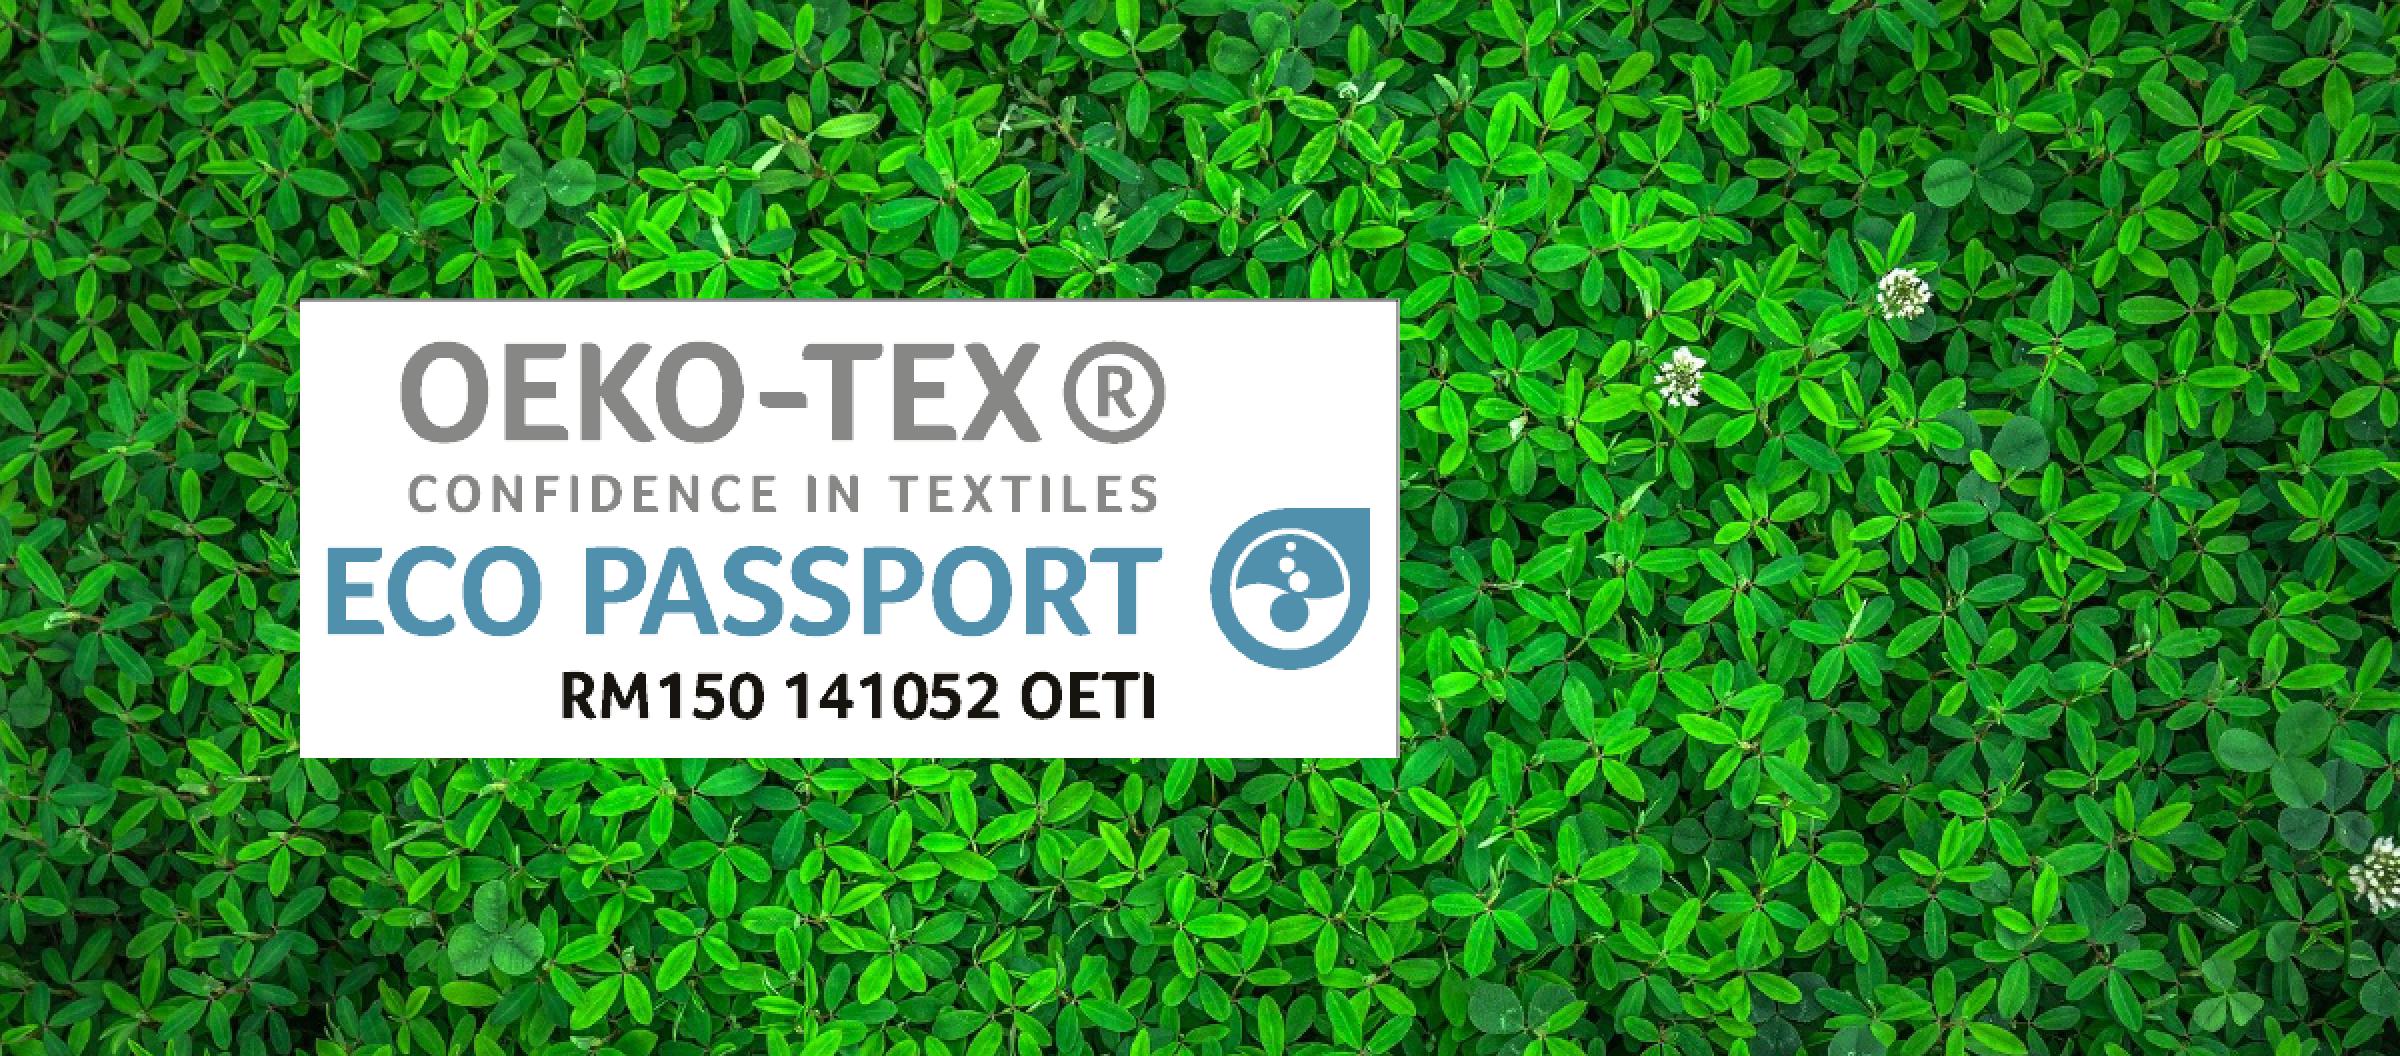 Eco-Passport Oeko-Tex